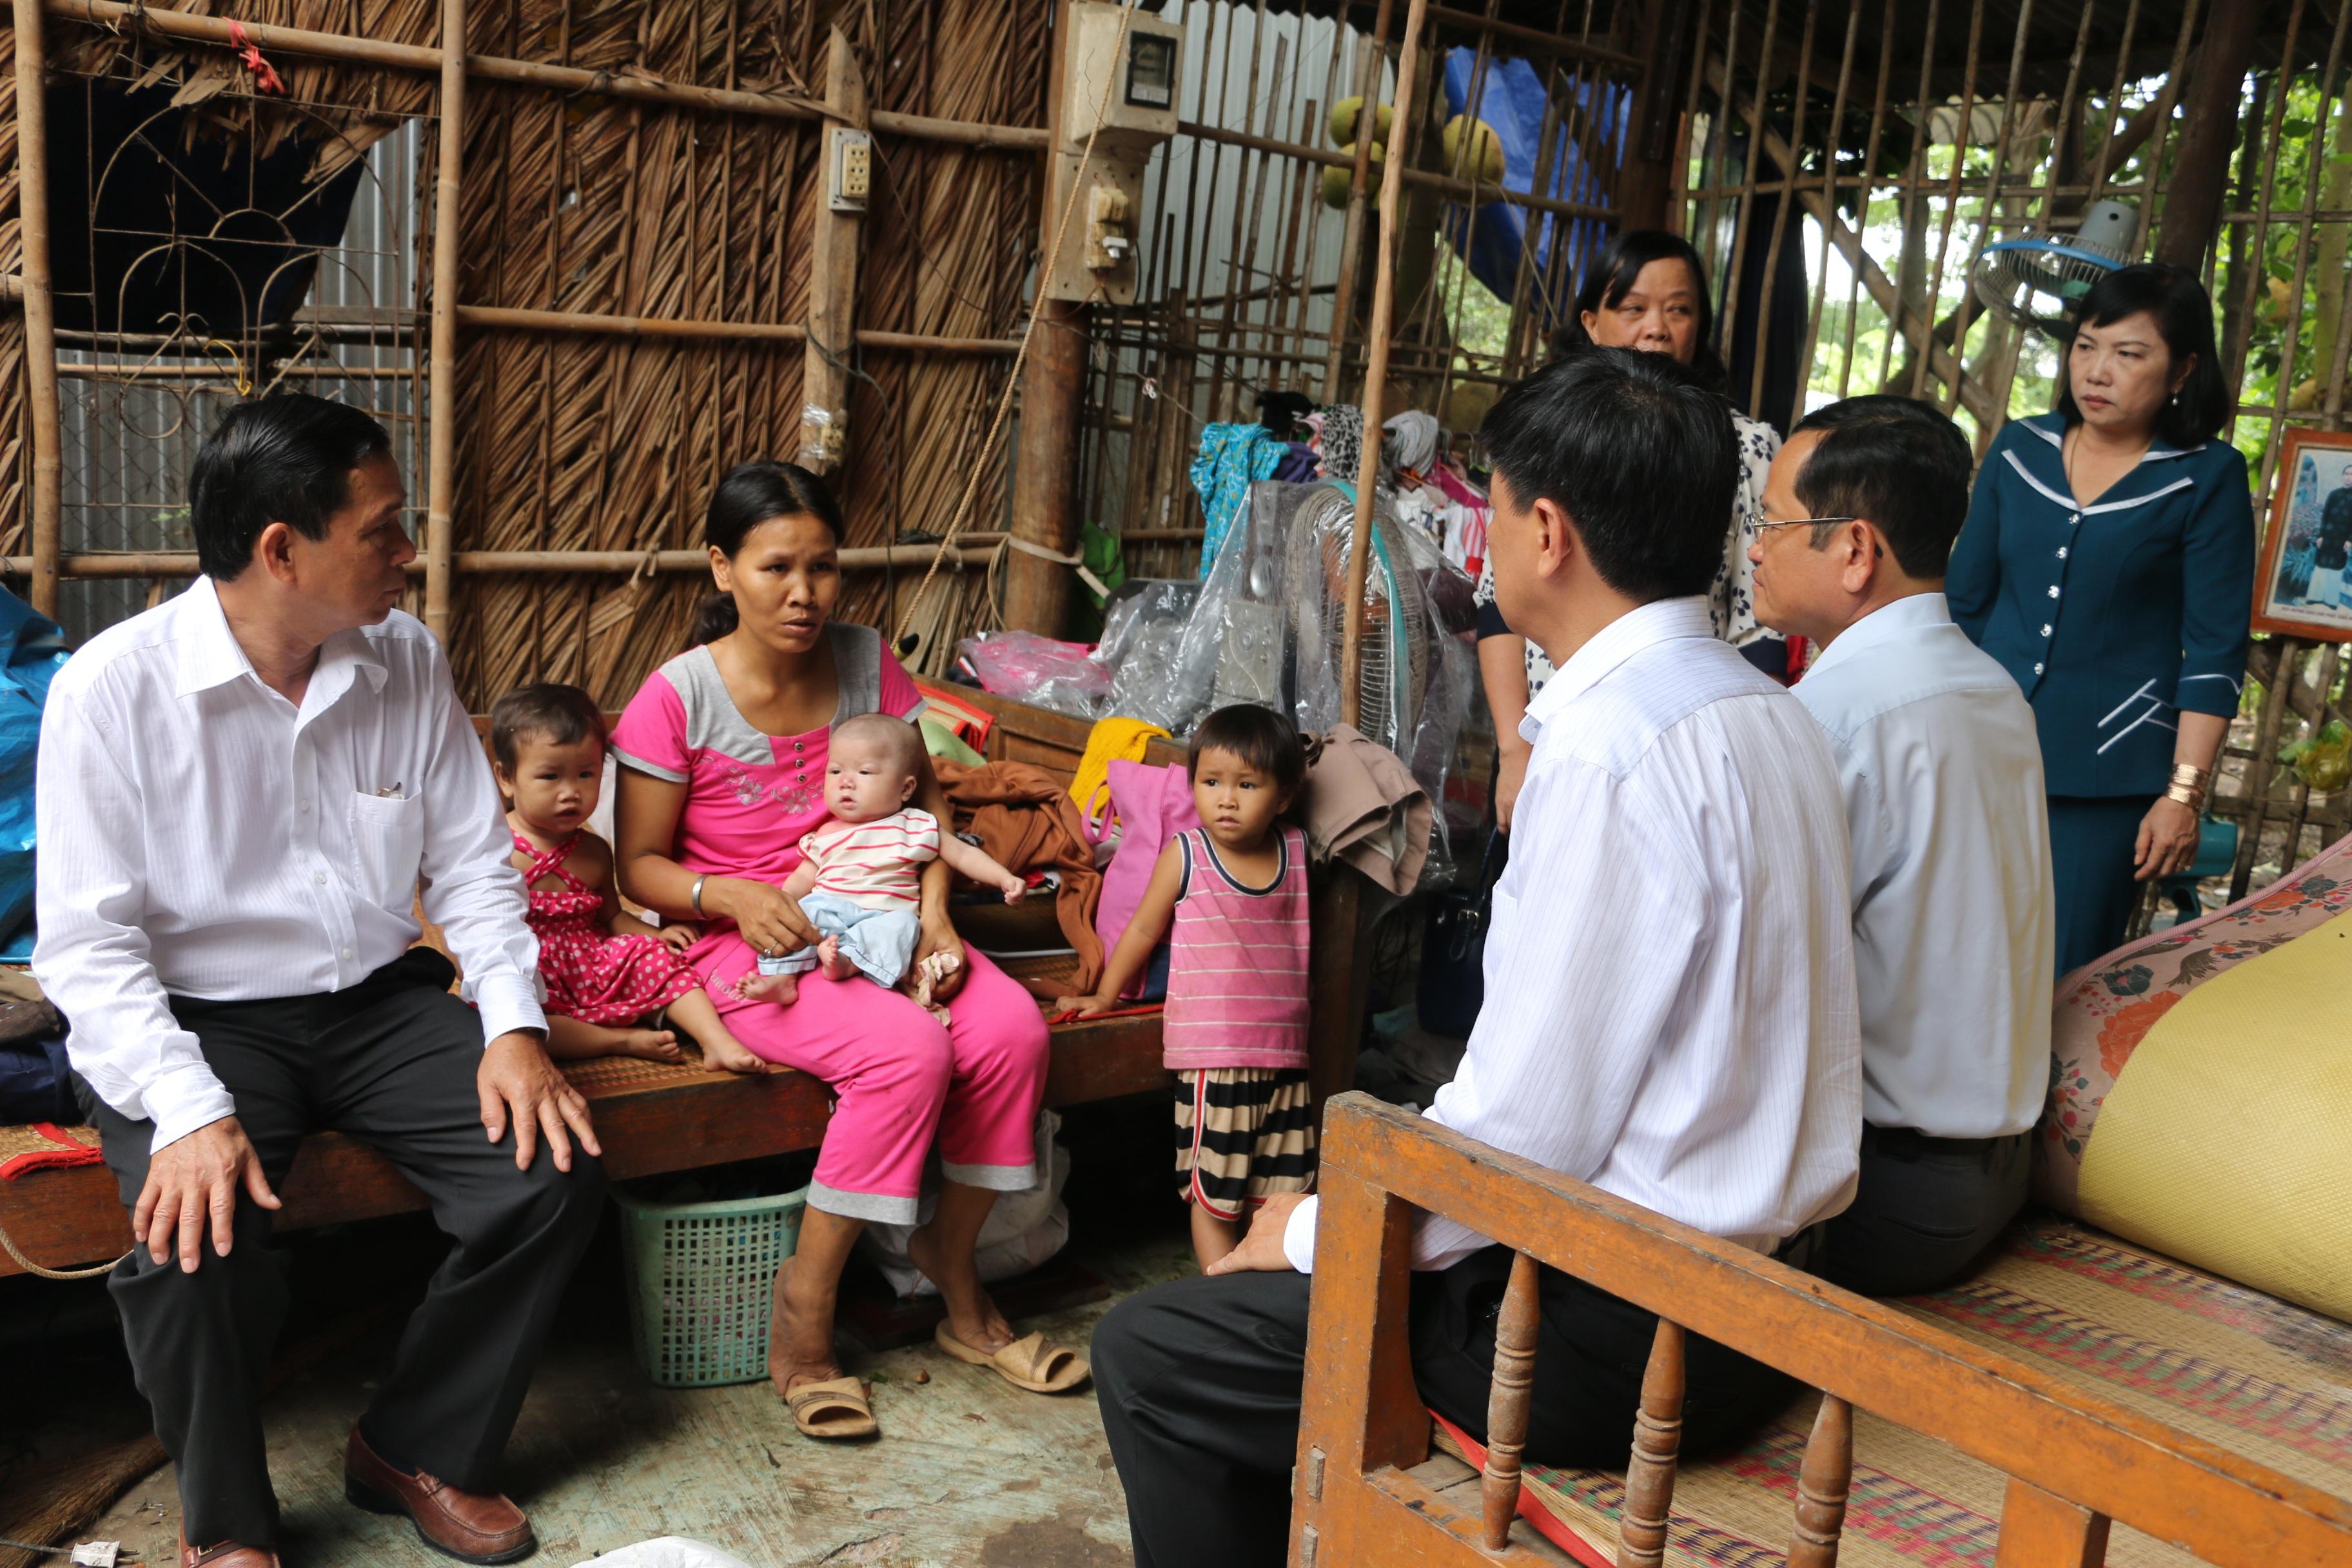 Ngành chức năng tỉnh An Giang tổ chức đoàn đến thăm hỏi các hộ dân có nhà bị hư hỏng do gió lốc đêm 18/5 gây ra